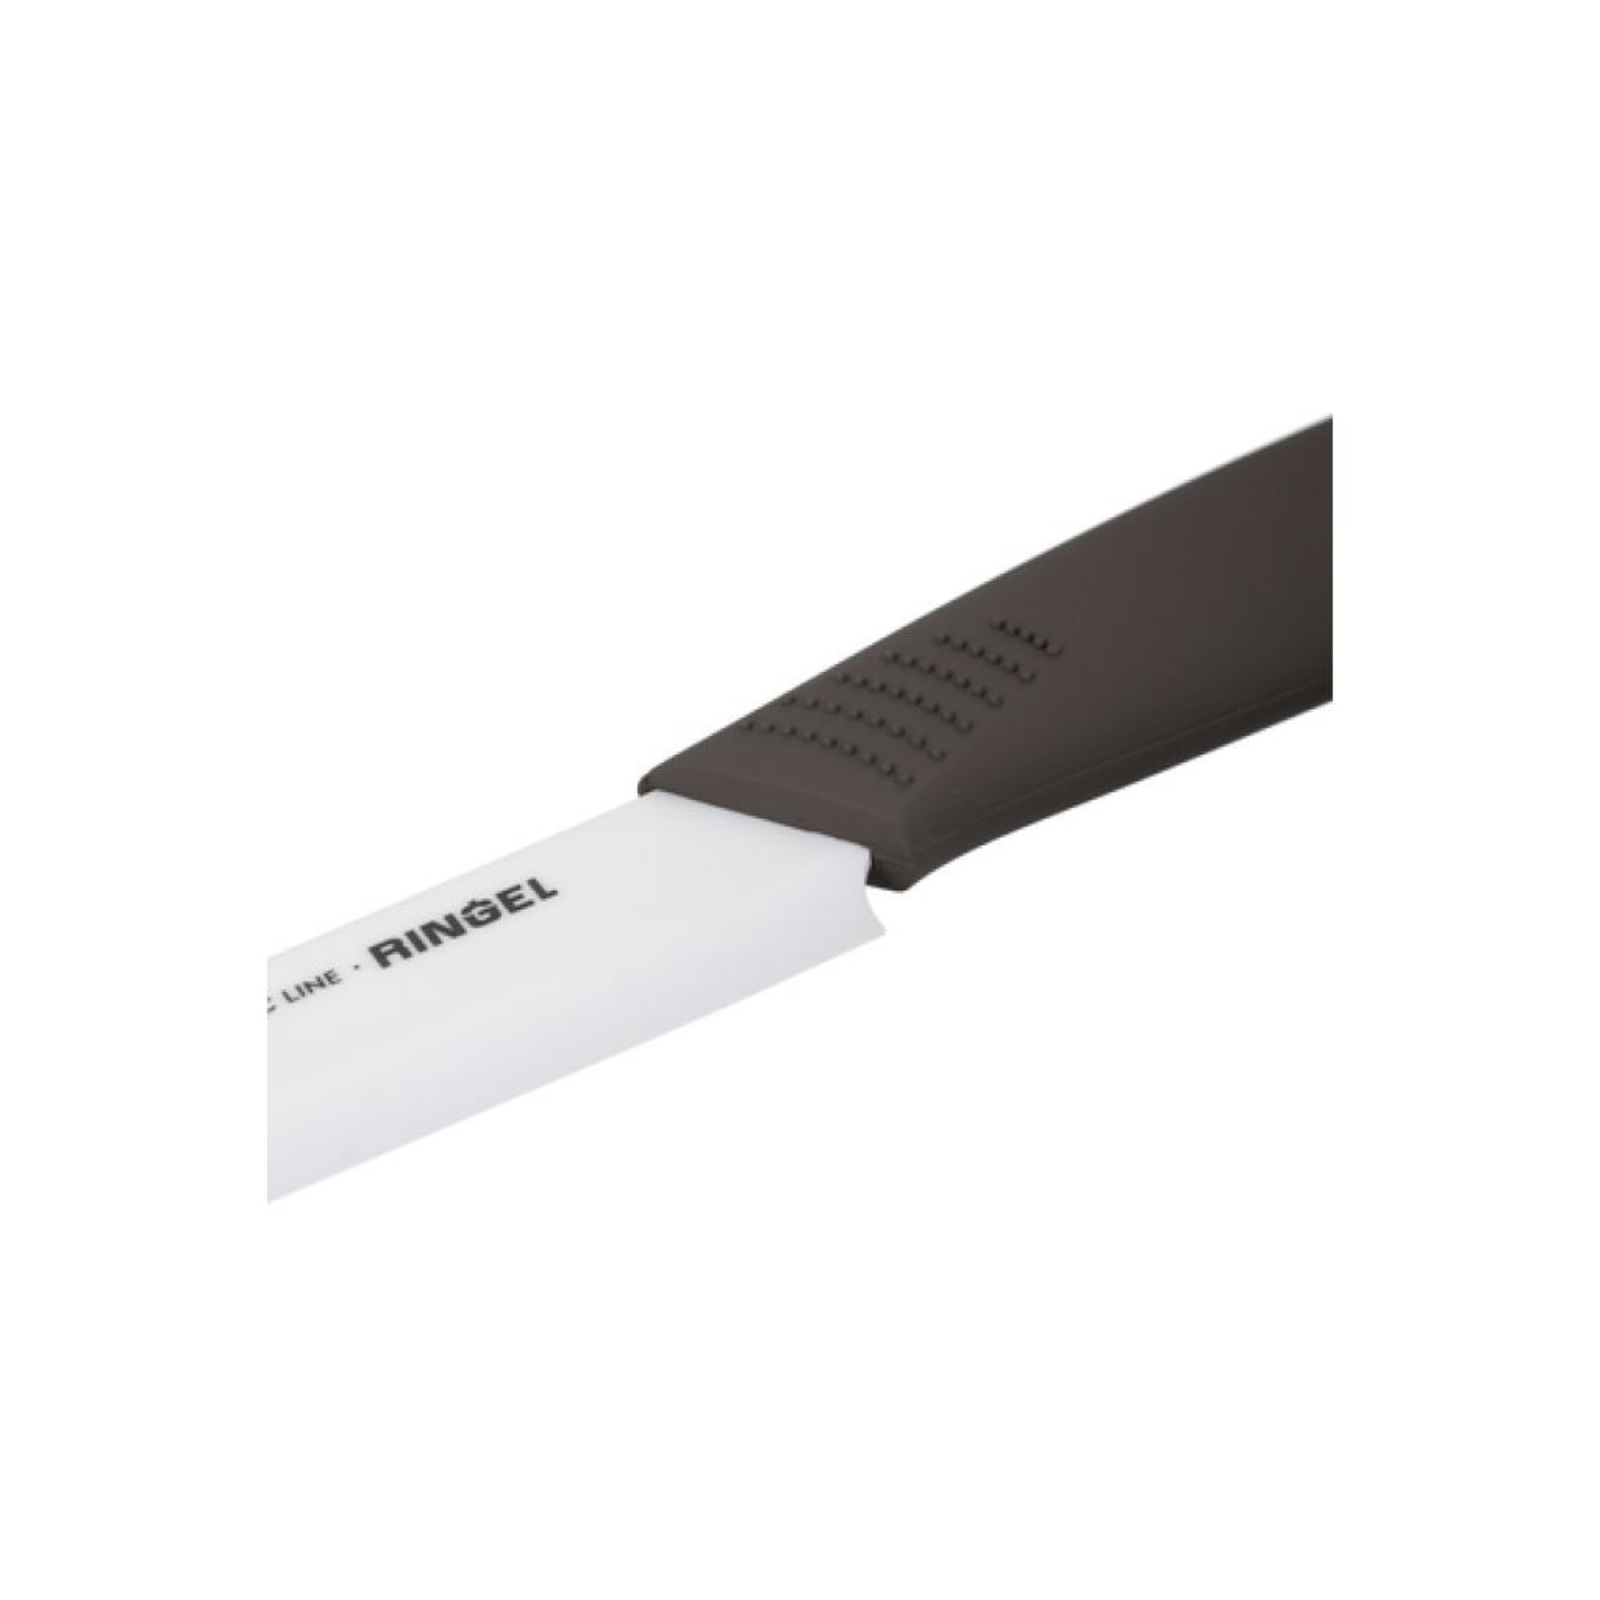 Кухонный нож Ringel Rasch поварской 15 см (RG-11004-3) изображение 4